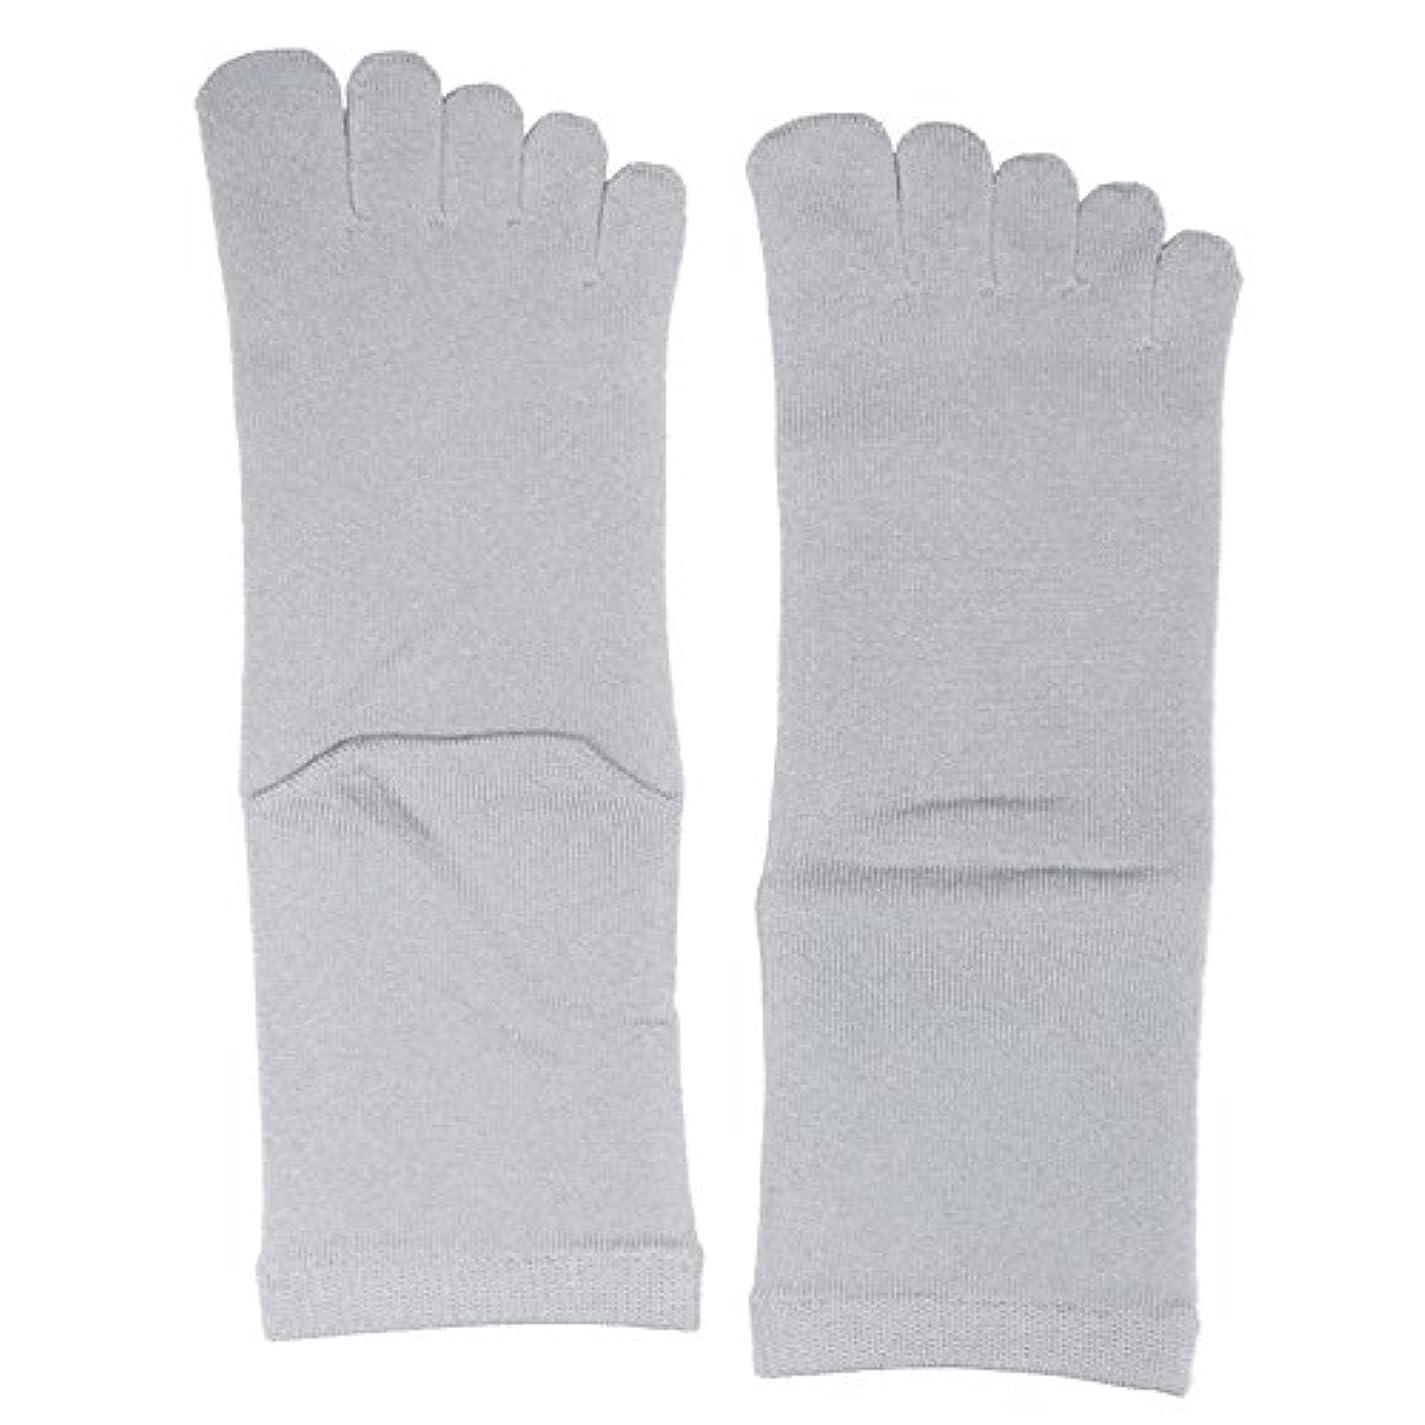 分離任命平方【3足セット】 シルク五本指ソックス レギュラー丈 25-27cm 日本製 (シルバーグレー)絹 靴下